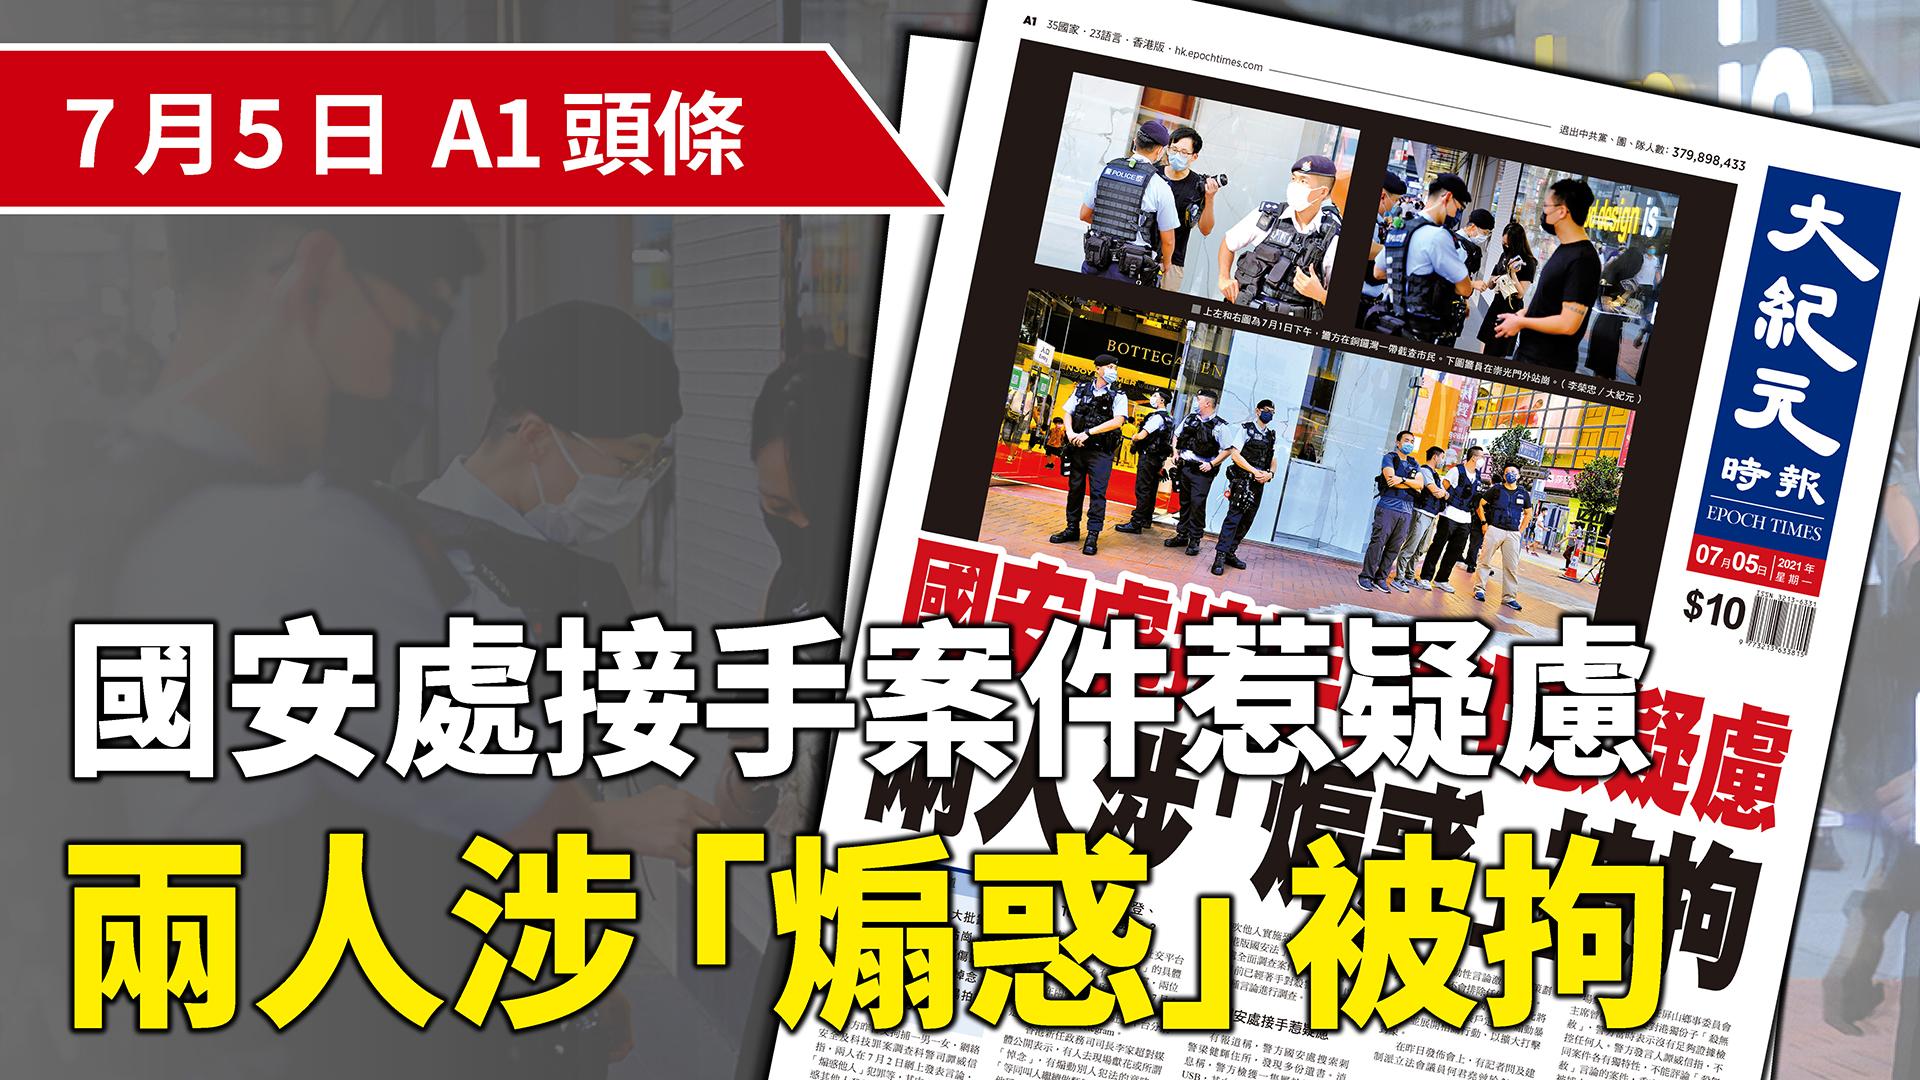 上左和右圖為7月1日下午,警方在銅鑼灣一帶截查市民。下圖警員在崇光門外站崗。(李榮忠/大紀元)